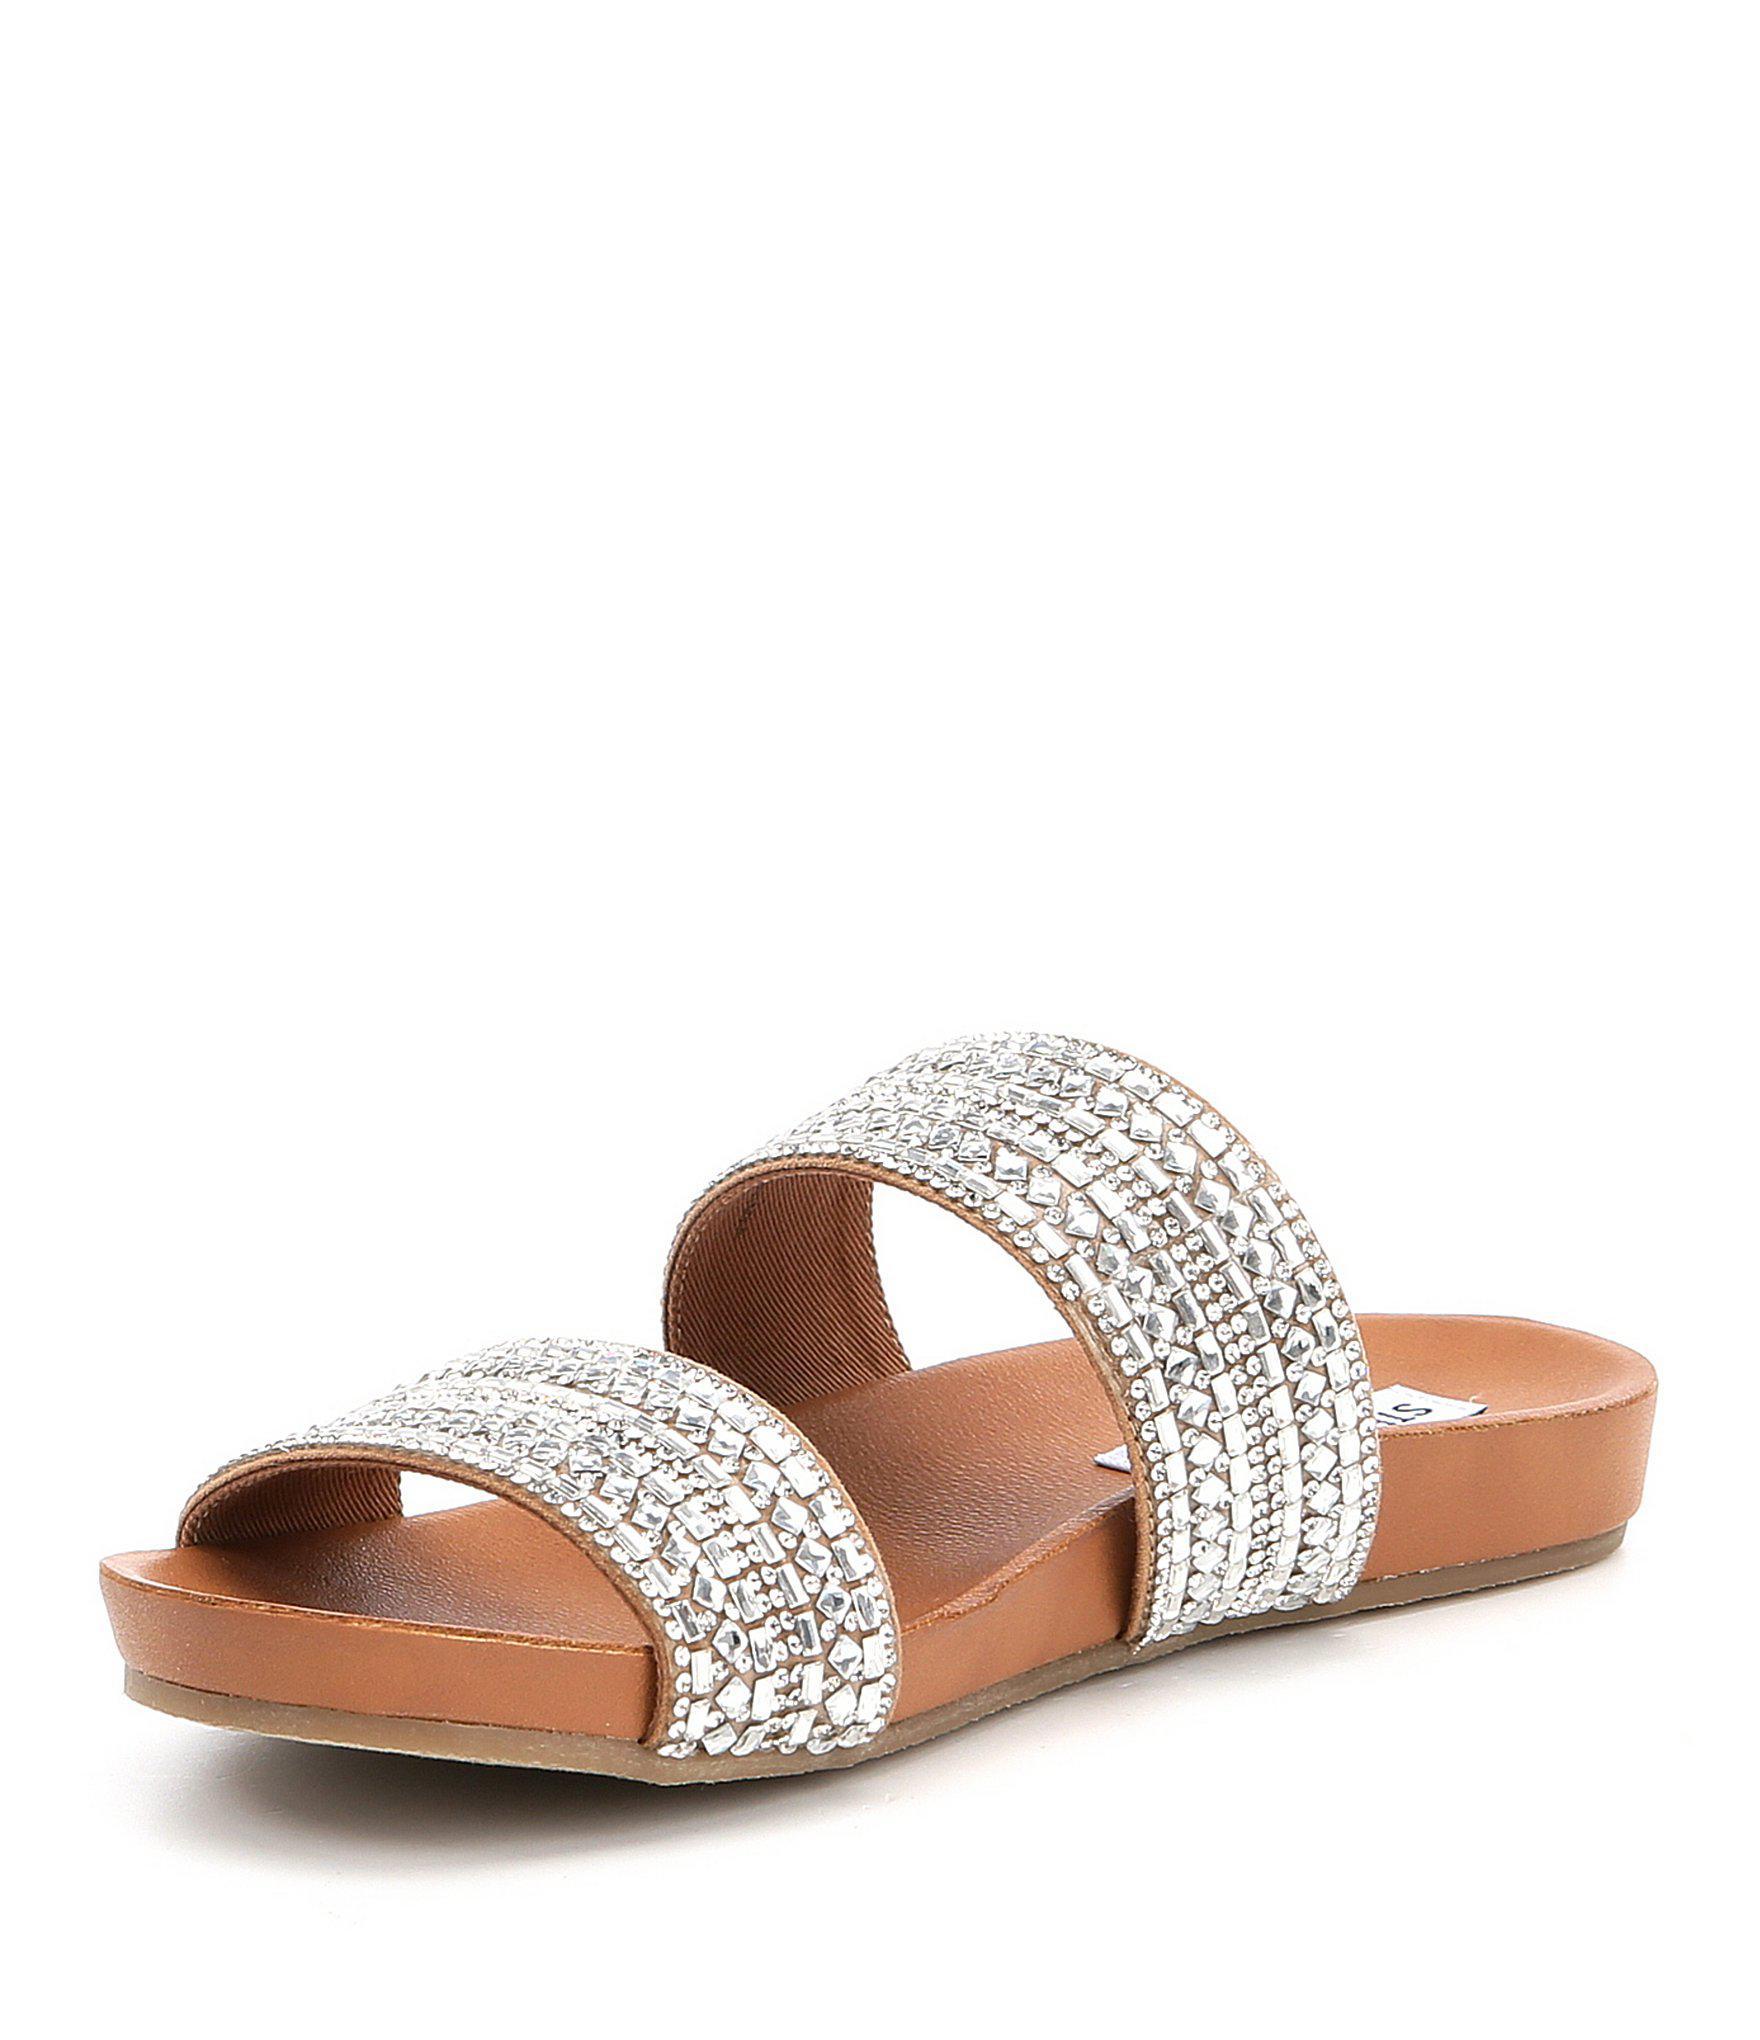 461145daa9c Lyst - Steve Madden Dynamo Rhinestone Banded Sandals in Brown